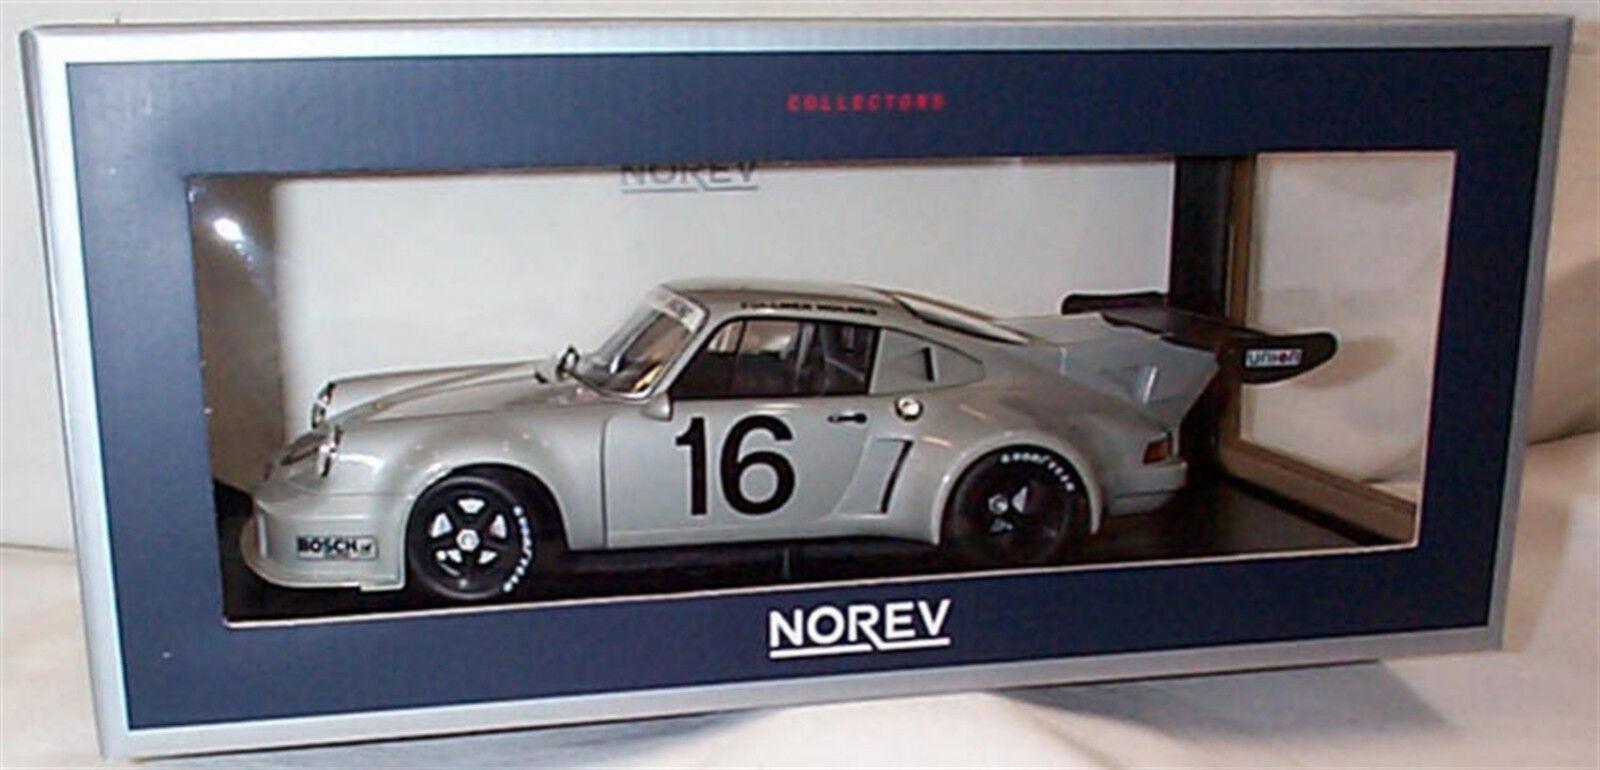 Porsche 911 911 911 Carrera RSR 2.1 Racing No16 1 18 SCALE New in box 187427 e46945